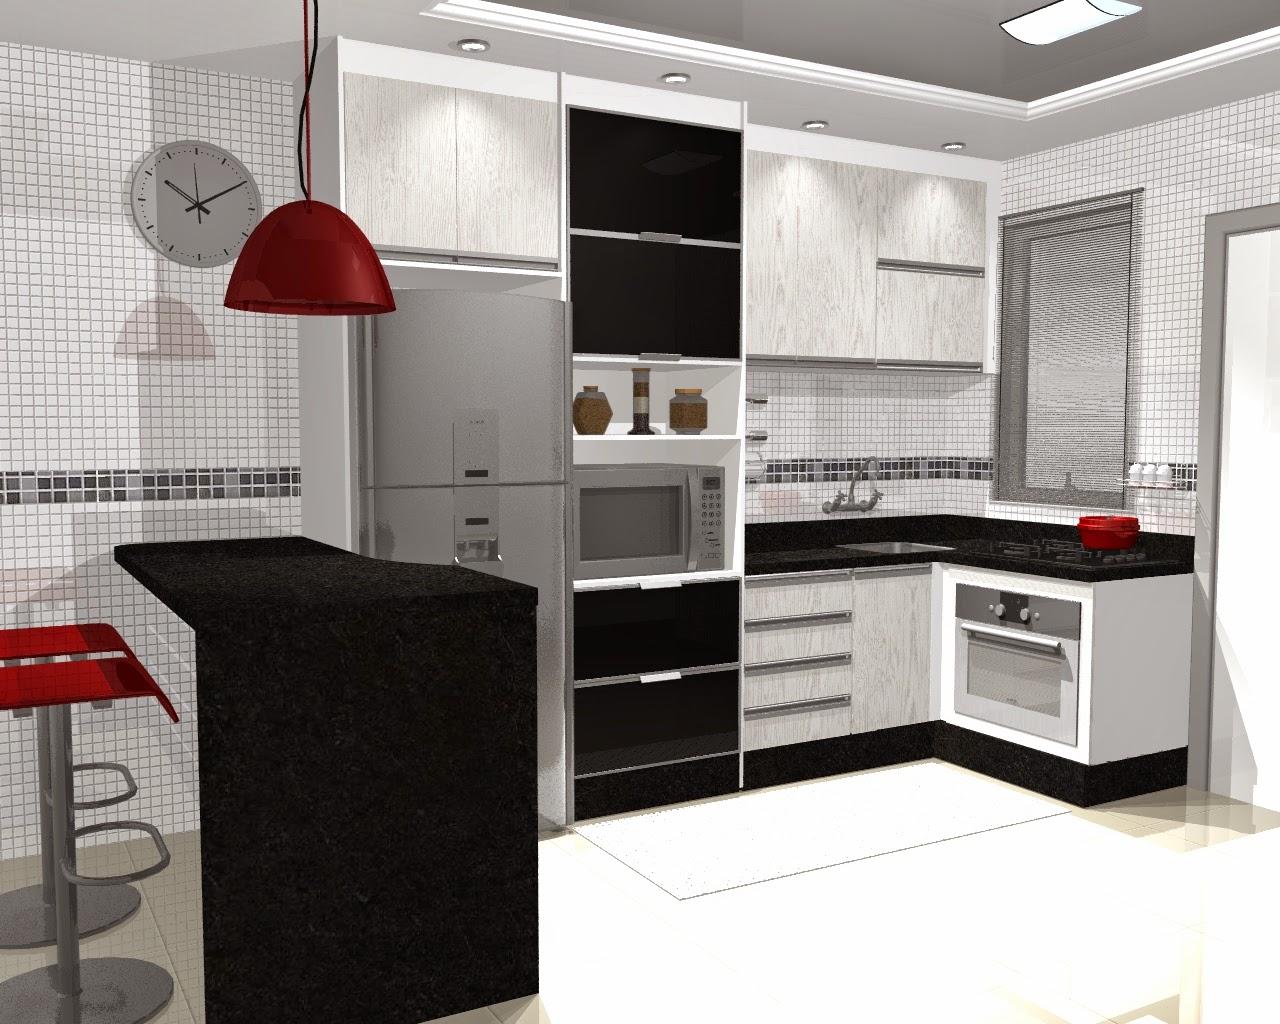 #A32928  de ter uma linda cozinha moderna prática e de alta qualidade sempre 1280x1024 px Projeto Armario De Cozinha Passo A Passo_4006 Imagens